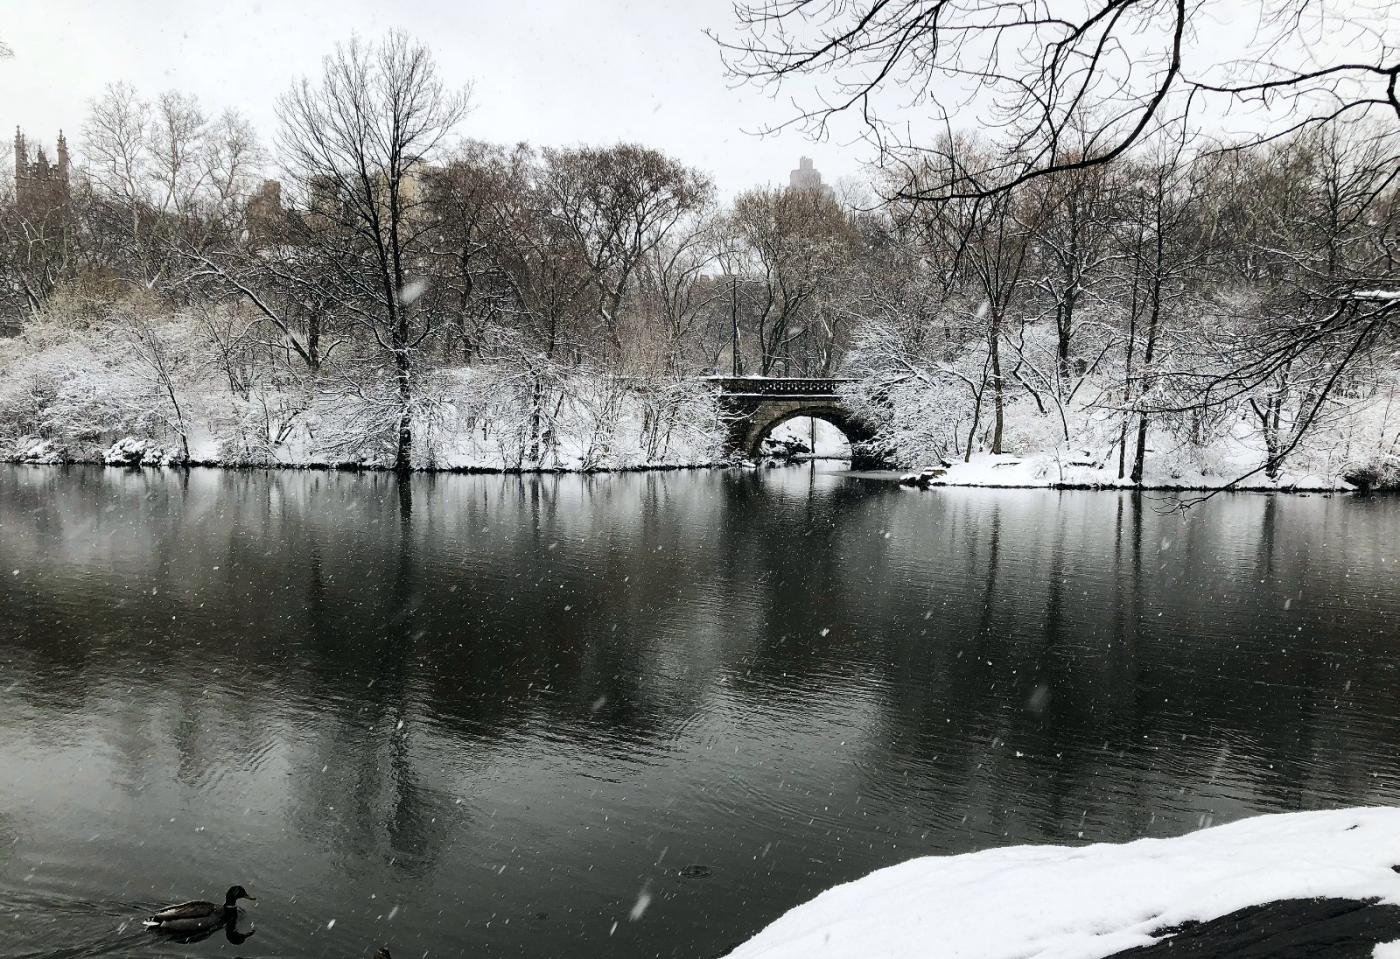 【田螺手机摄影】纽约雪景、还是中央公园最漂亮[二]_图1-15